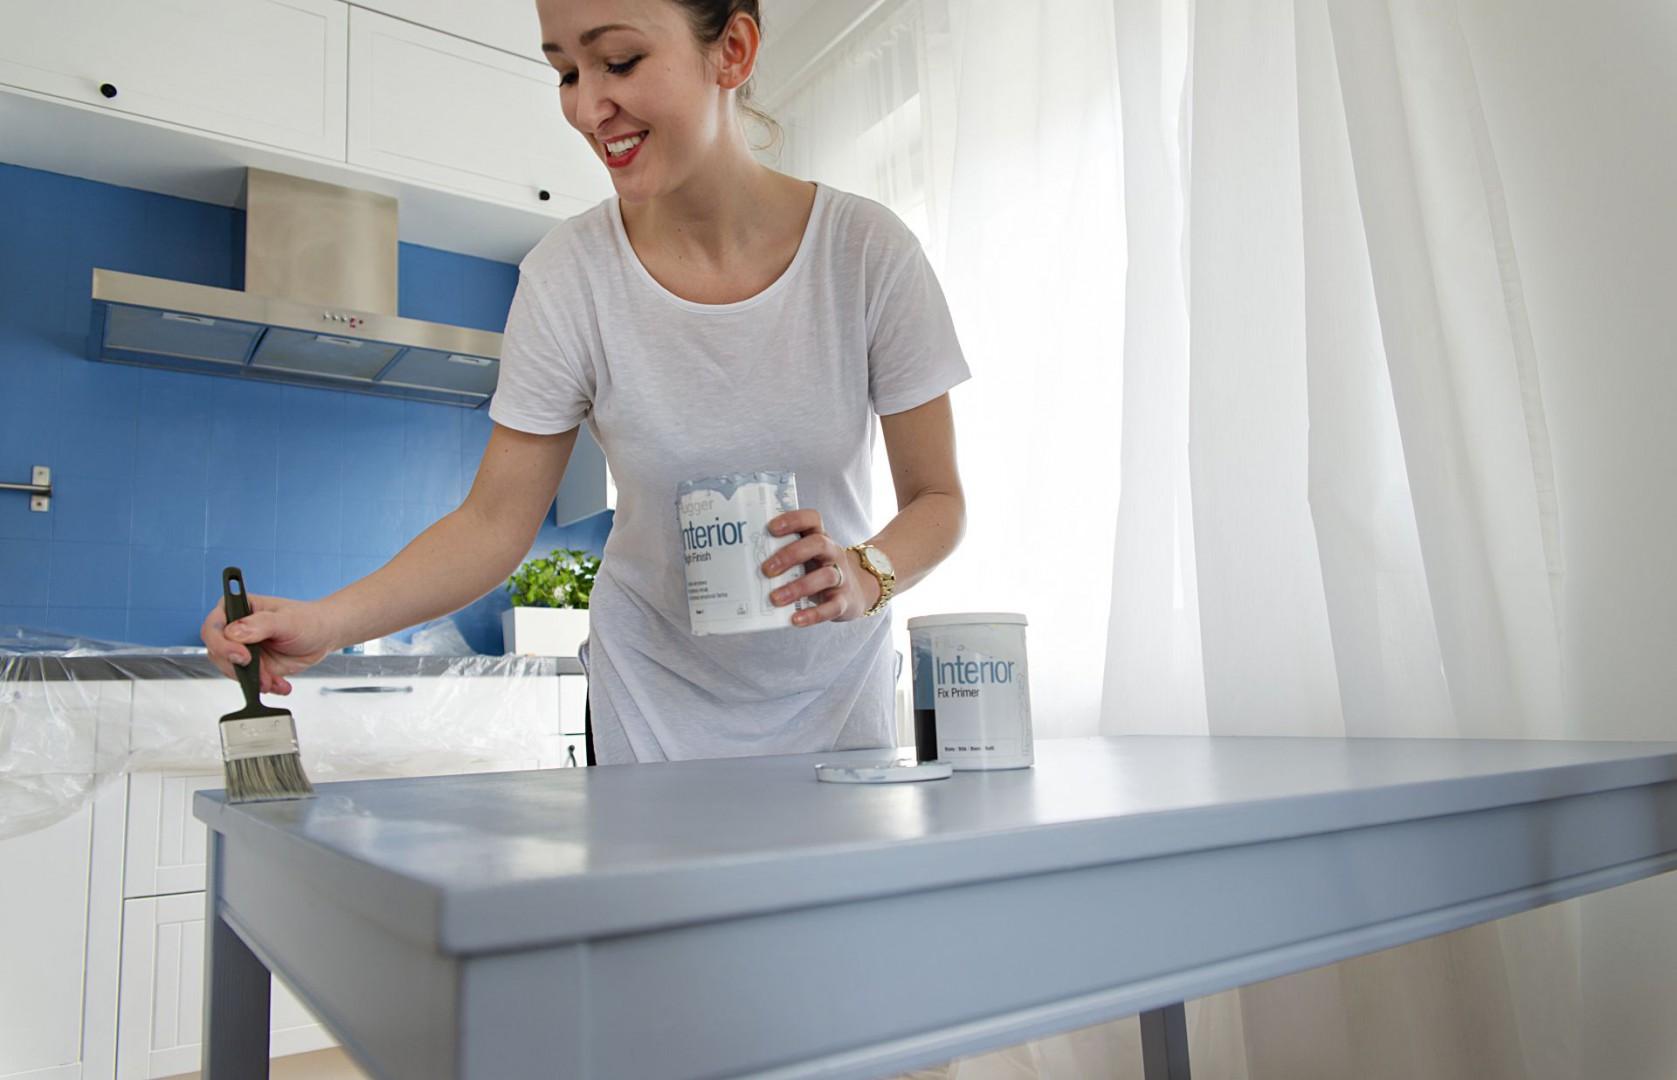 Dzięki specjalistycznym farbom, odrestaurowanie mebli jest znacznie prostrze. Fot. Flügger